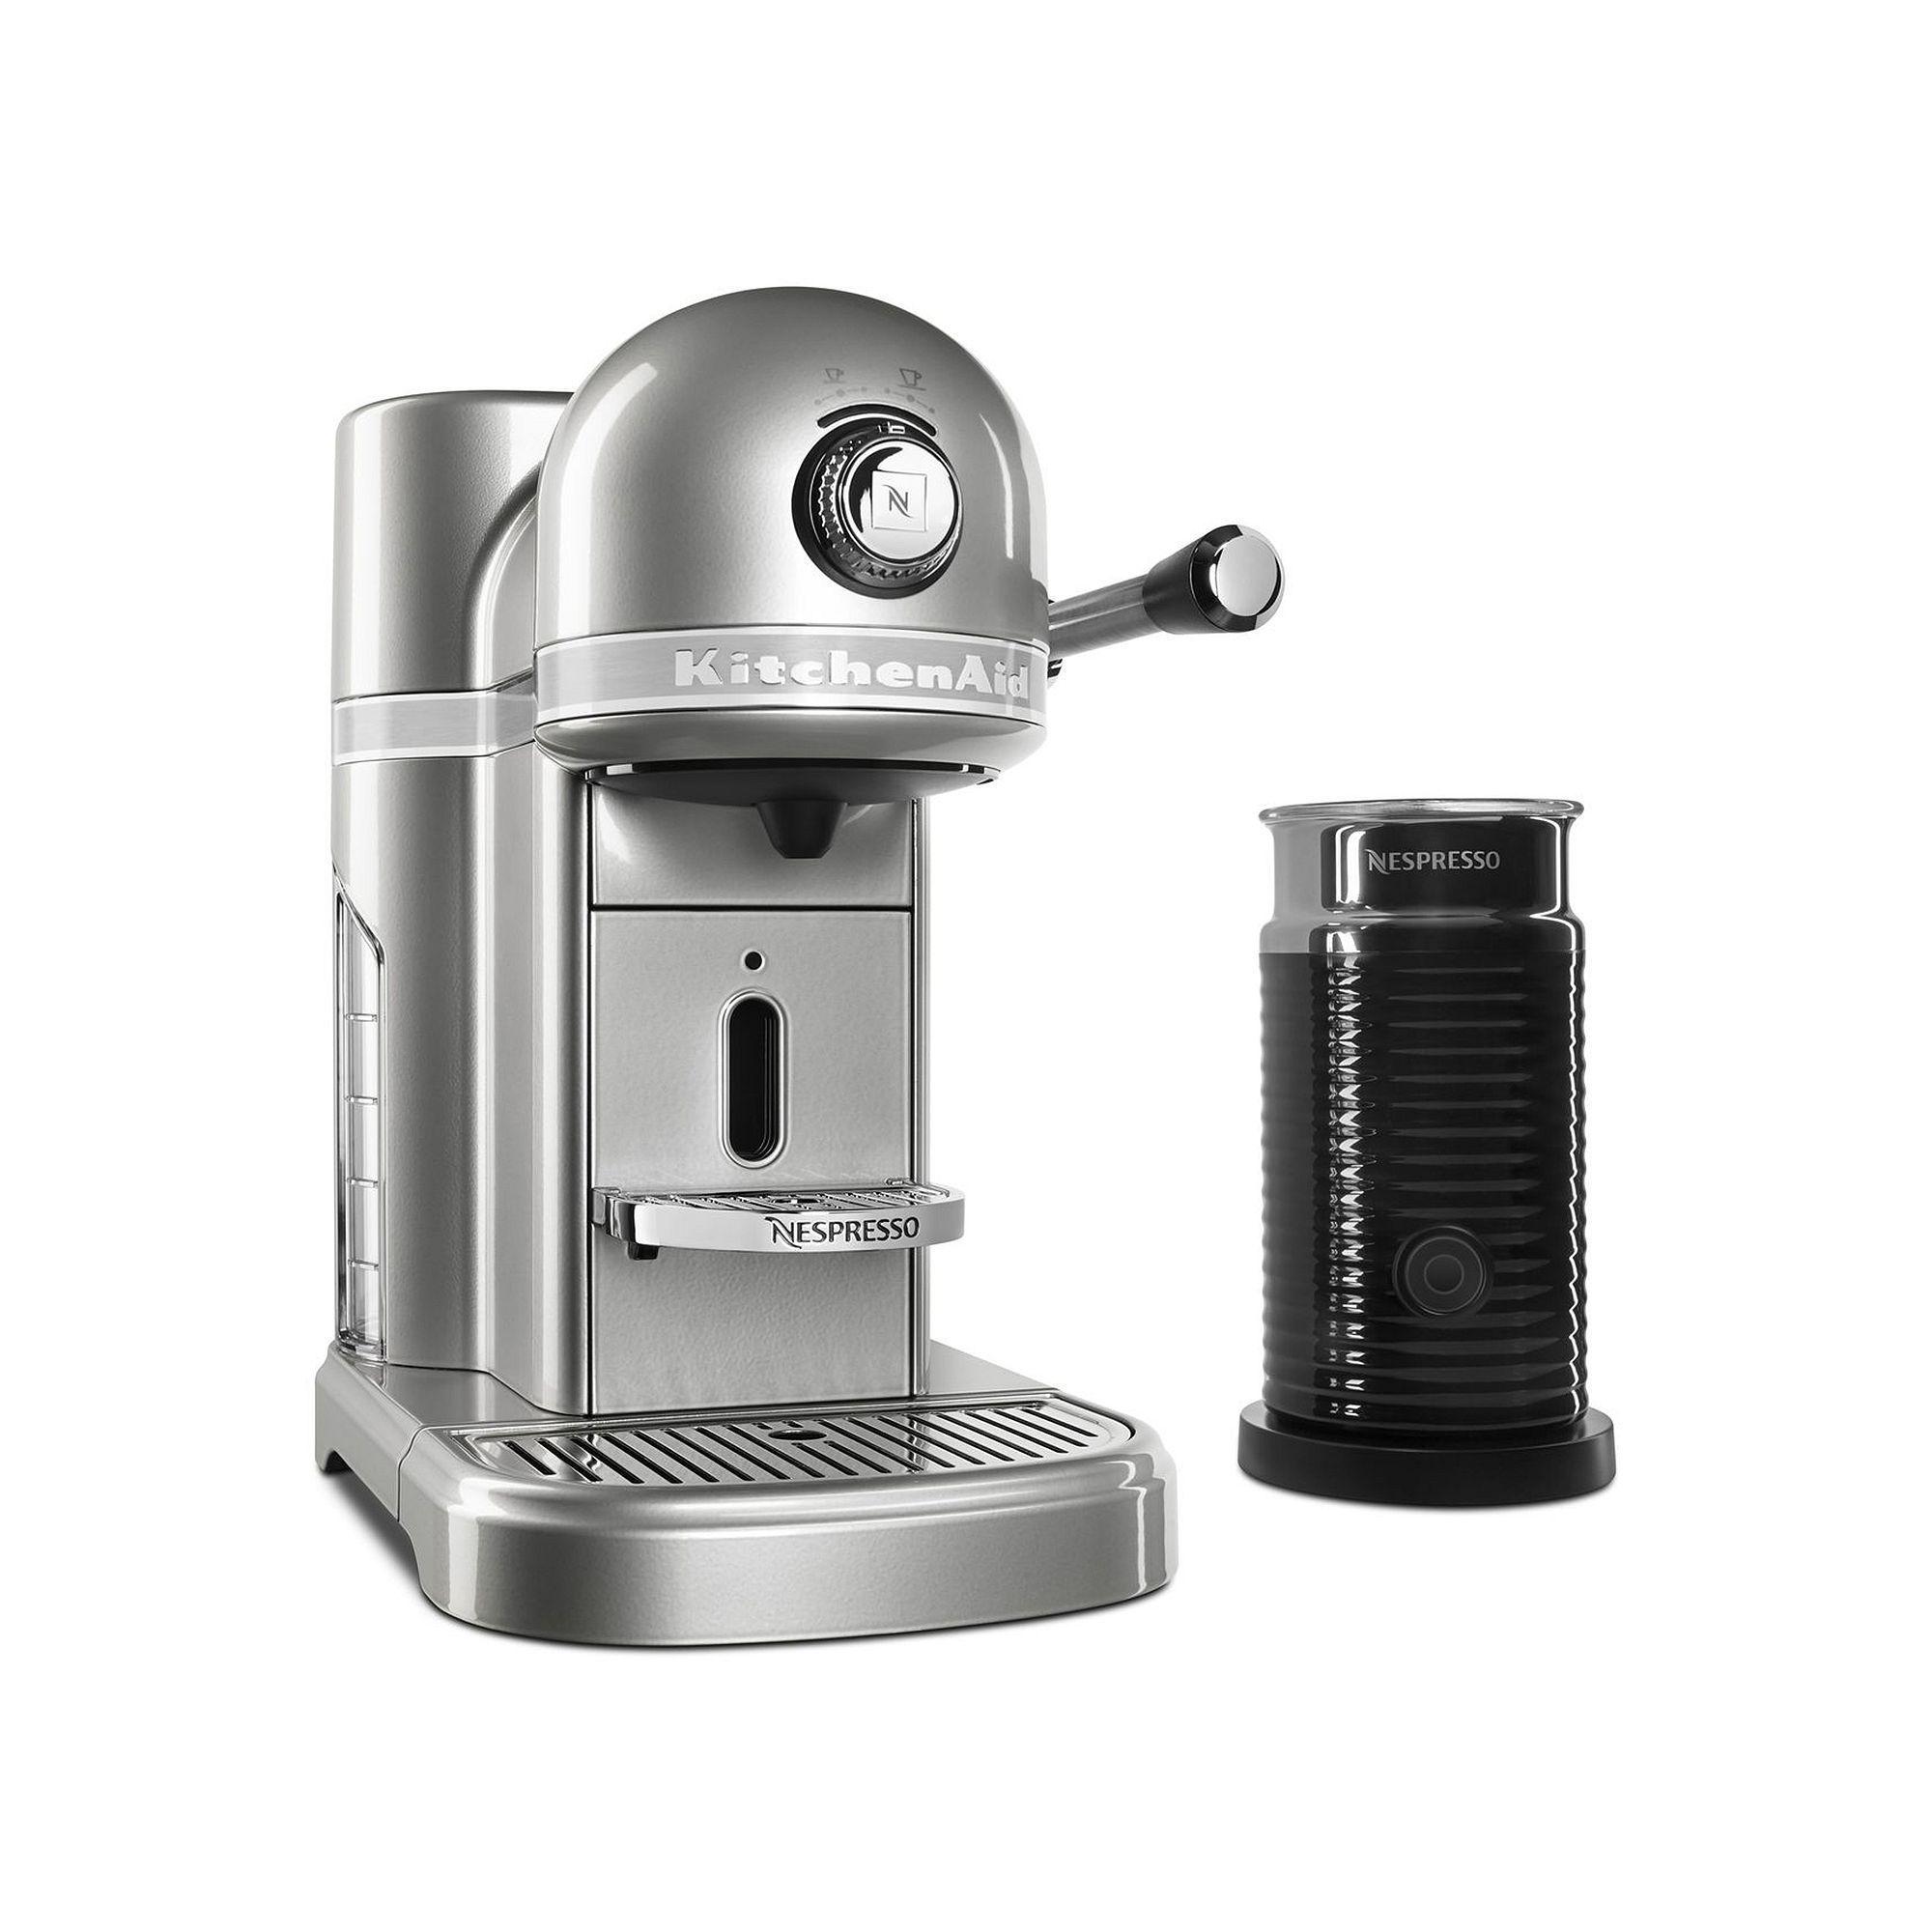 Groß Küchenhilfe Kaffeemaschine Ideen - Küche Set Ideen ...